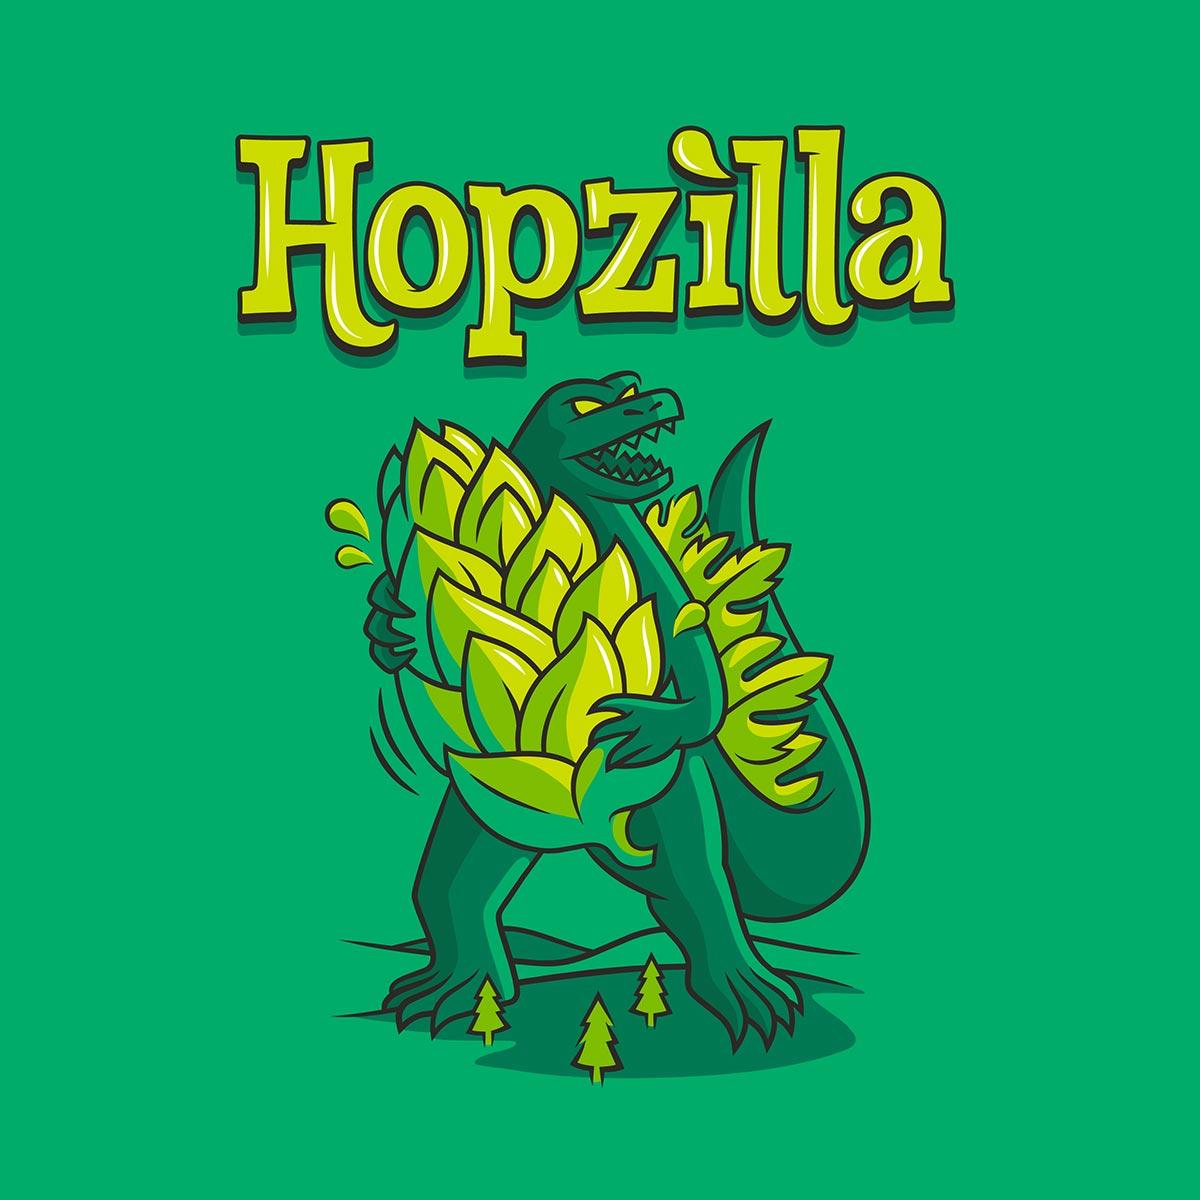 Hopzilla - Double IPA